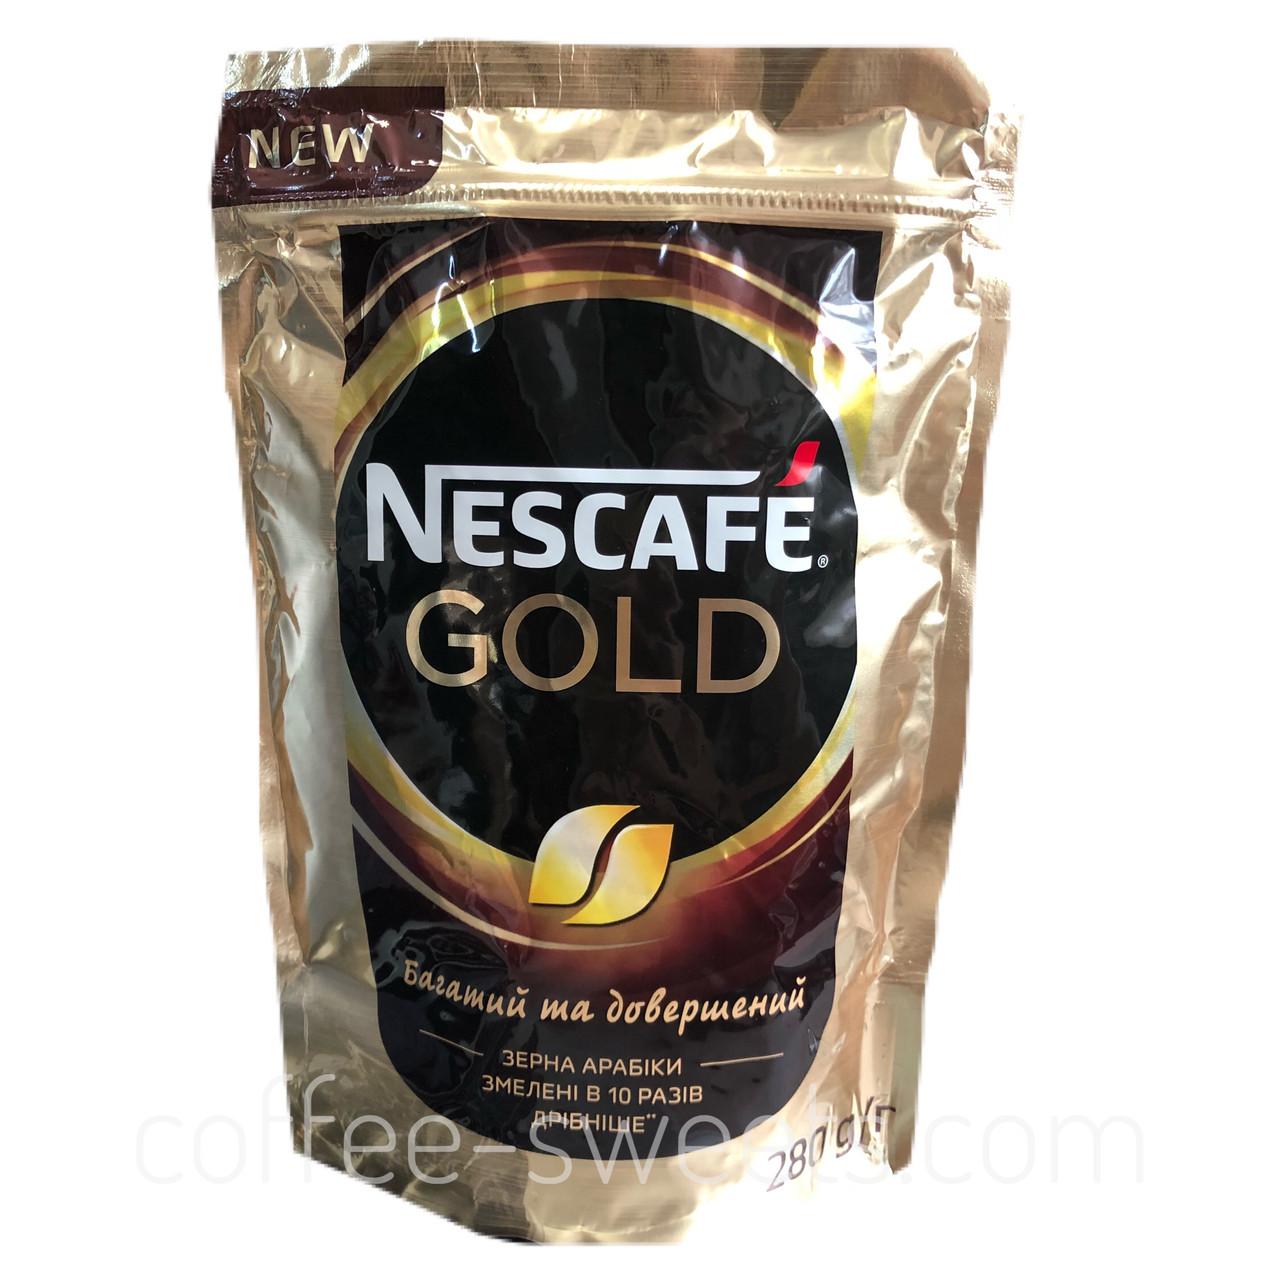 Кофе растворимый Nescafe Gold 280g